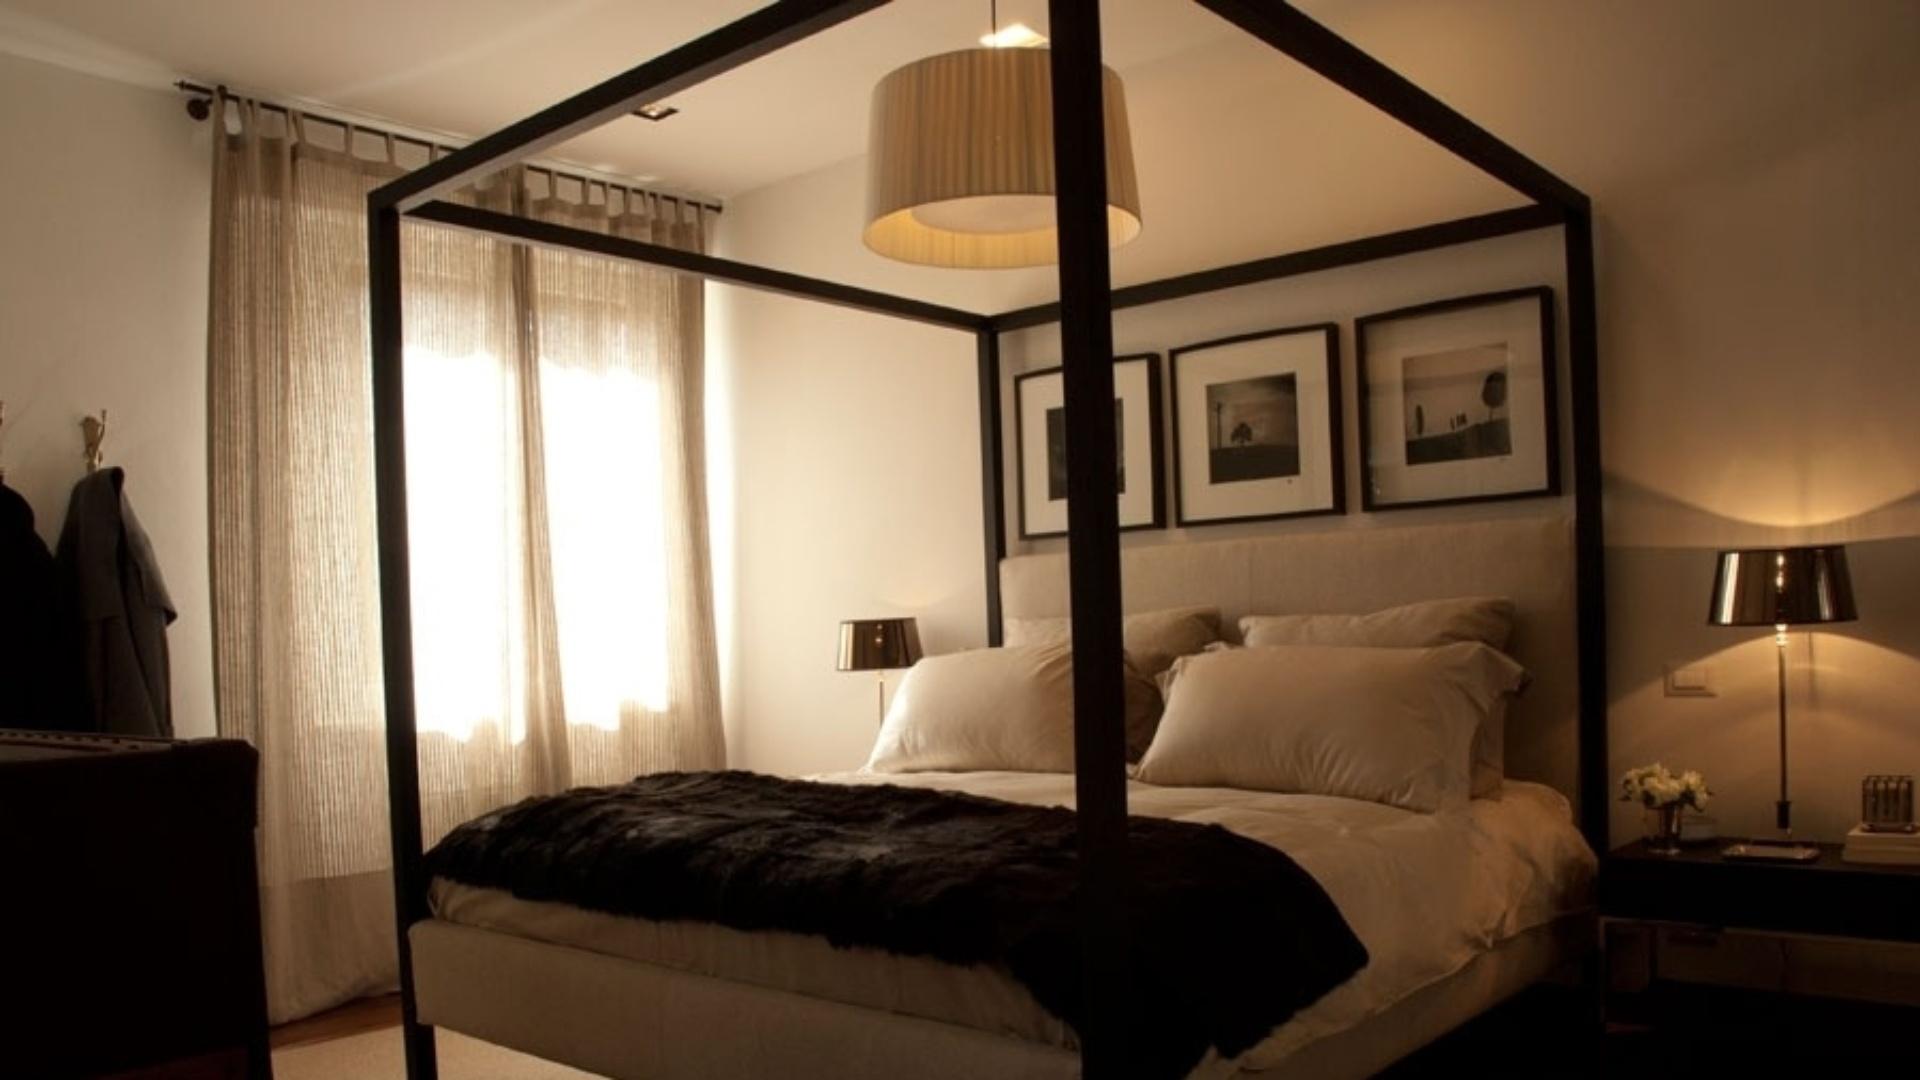 Esta cama com dossel, feita de madeira ebanizada, é uma versão moderna do móvel medieval. O quarto de casal foi projetado pela designer de interiores Paola Ribeiro